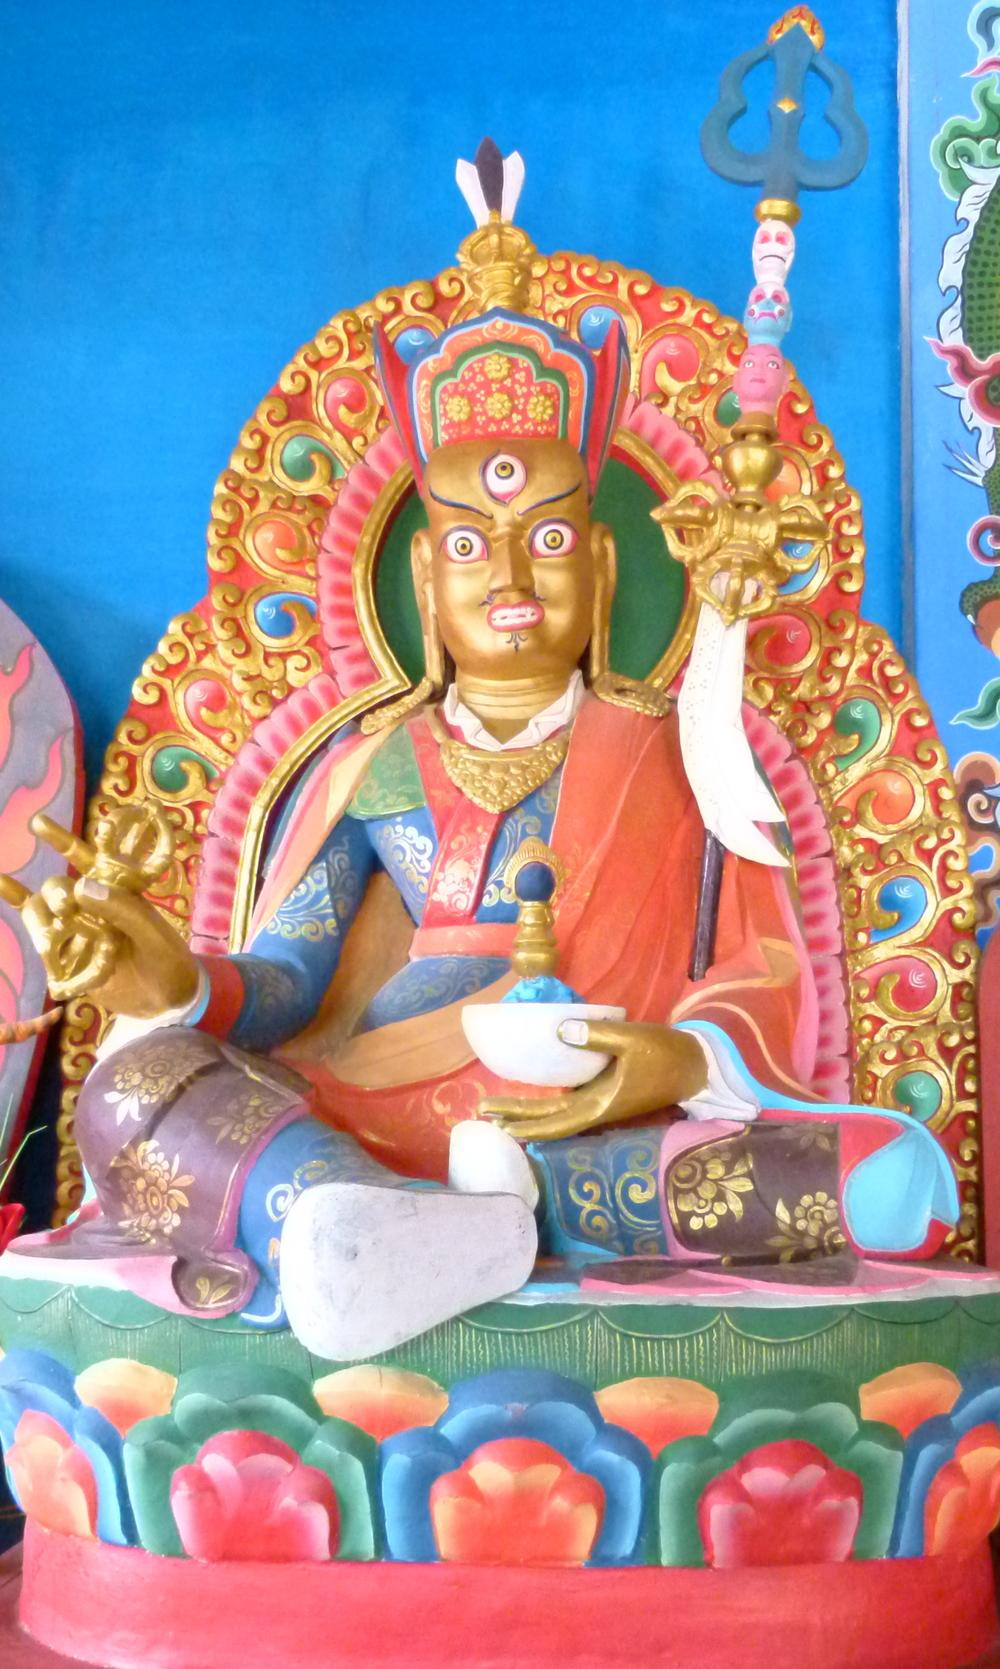 Special Guru Padmasambhava statue built by Togden